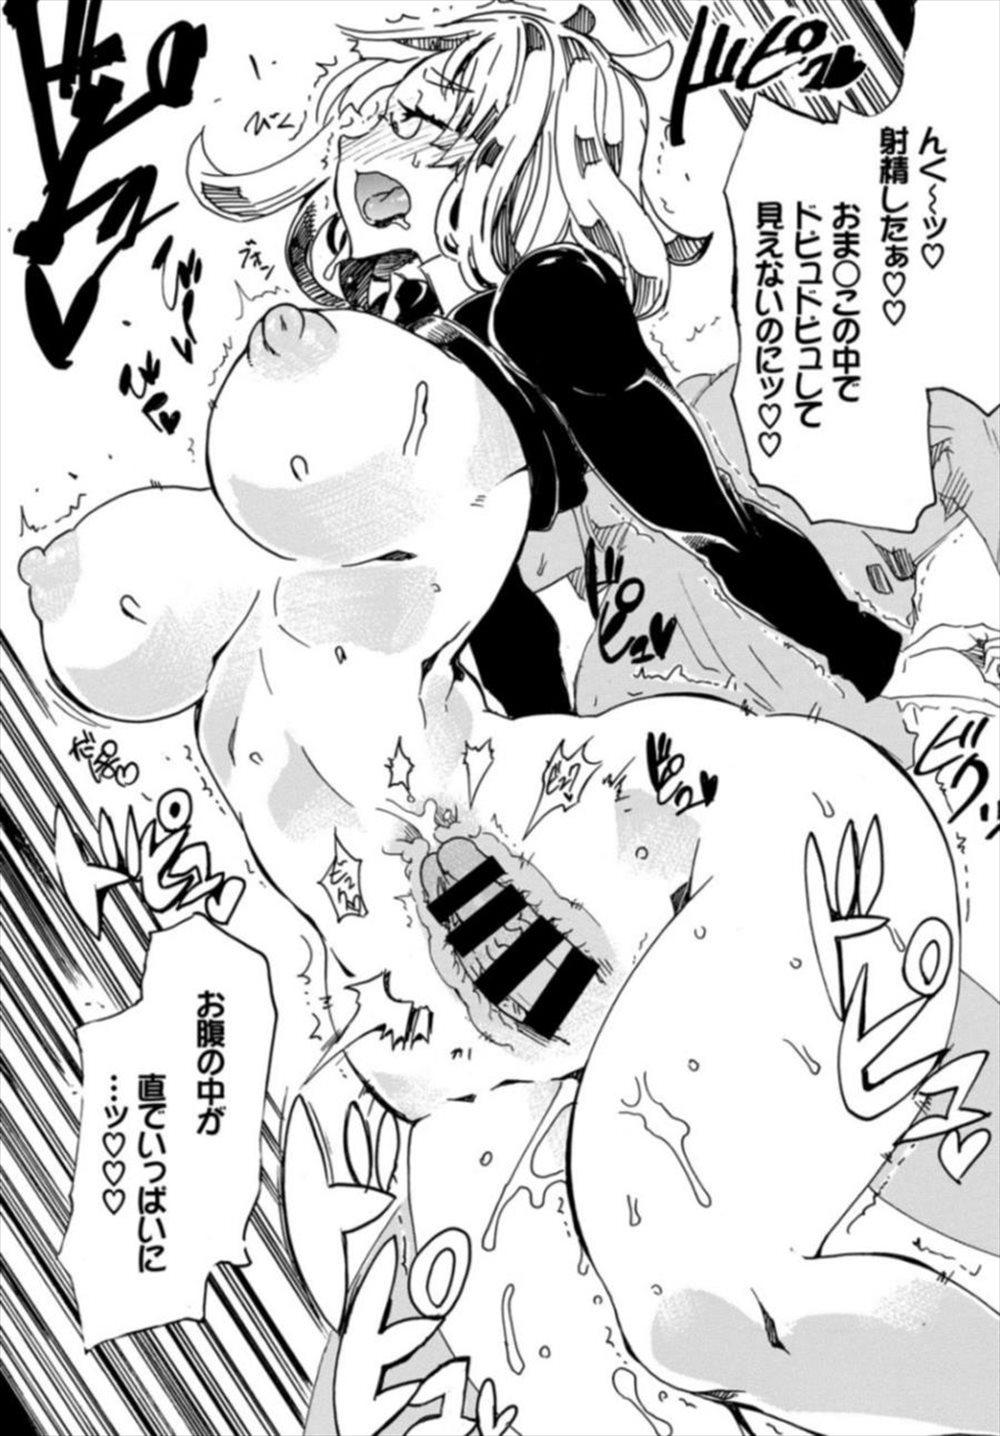 【エロ漫画】サキュバスとして覚醒したメガネお姉ちゃん…ショタを襲って精液搾取ww【エクタ:サキュバス邸入り浸り】